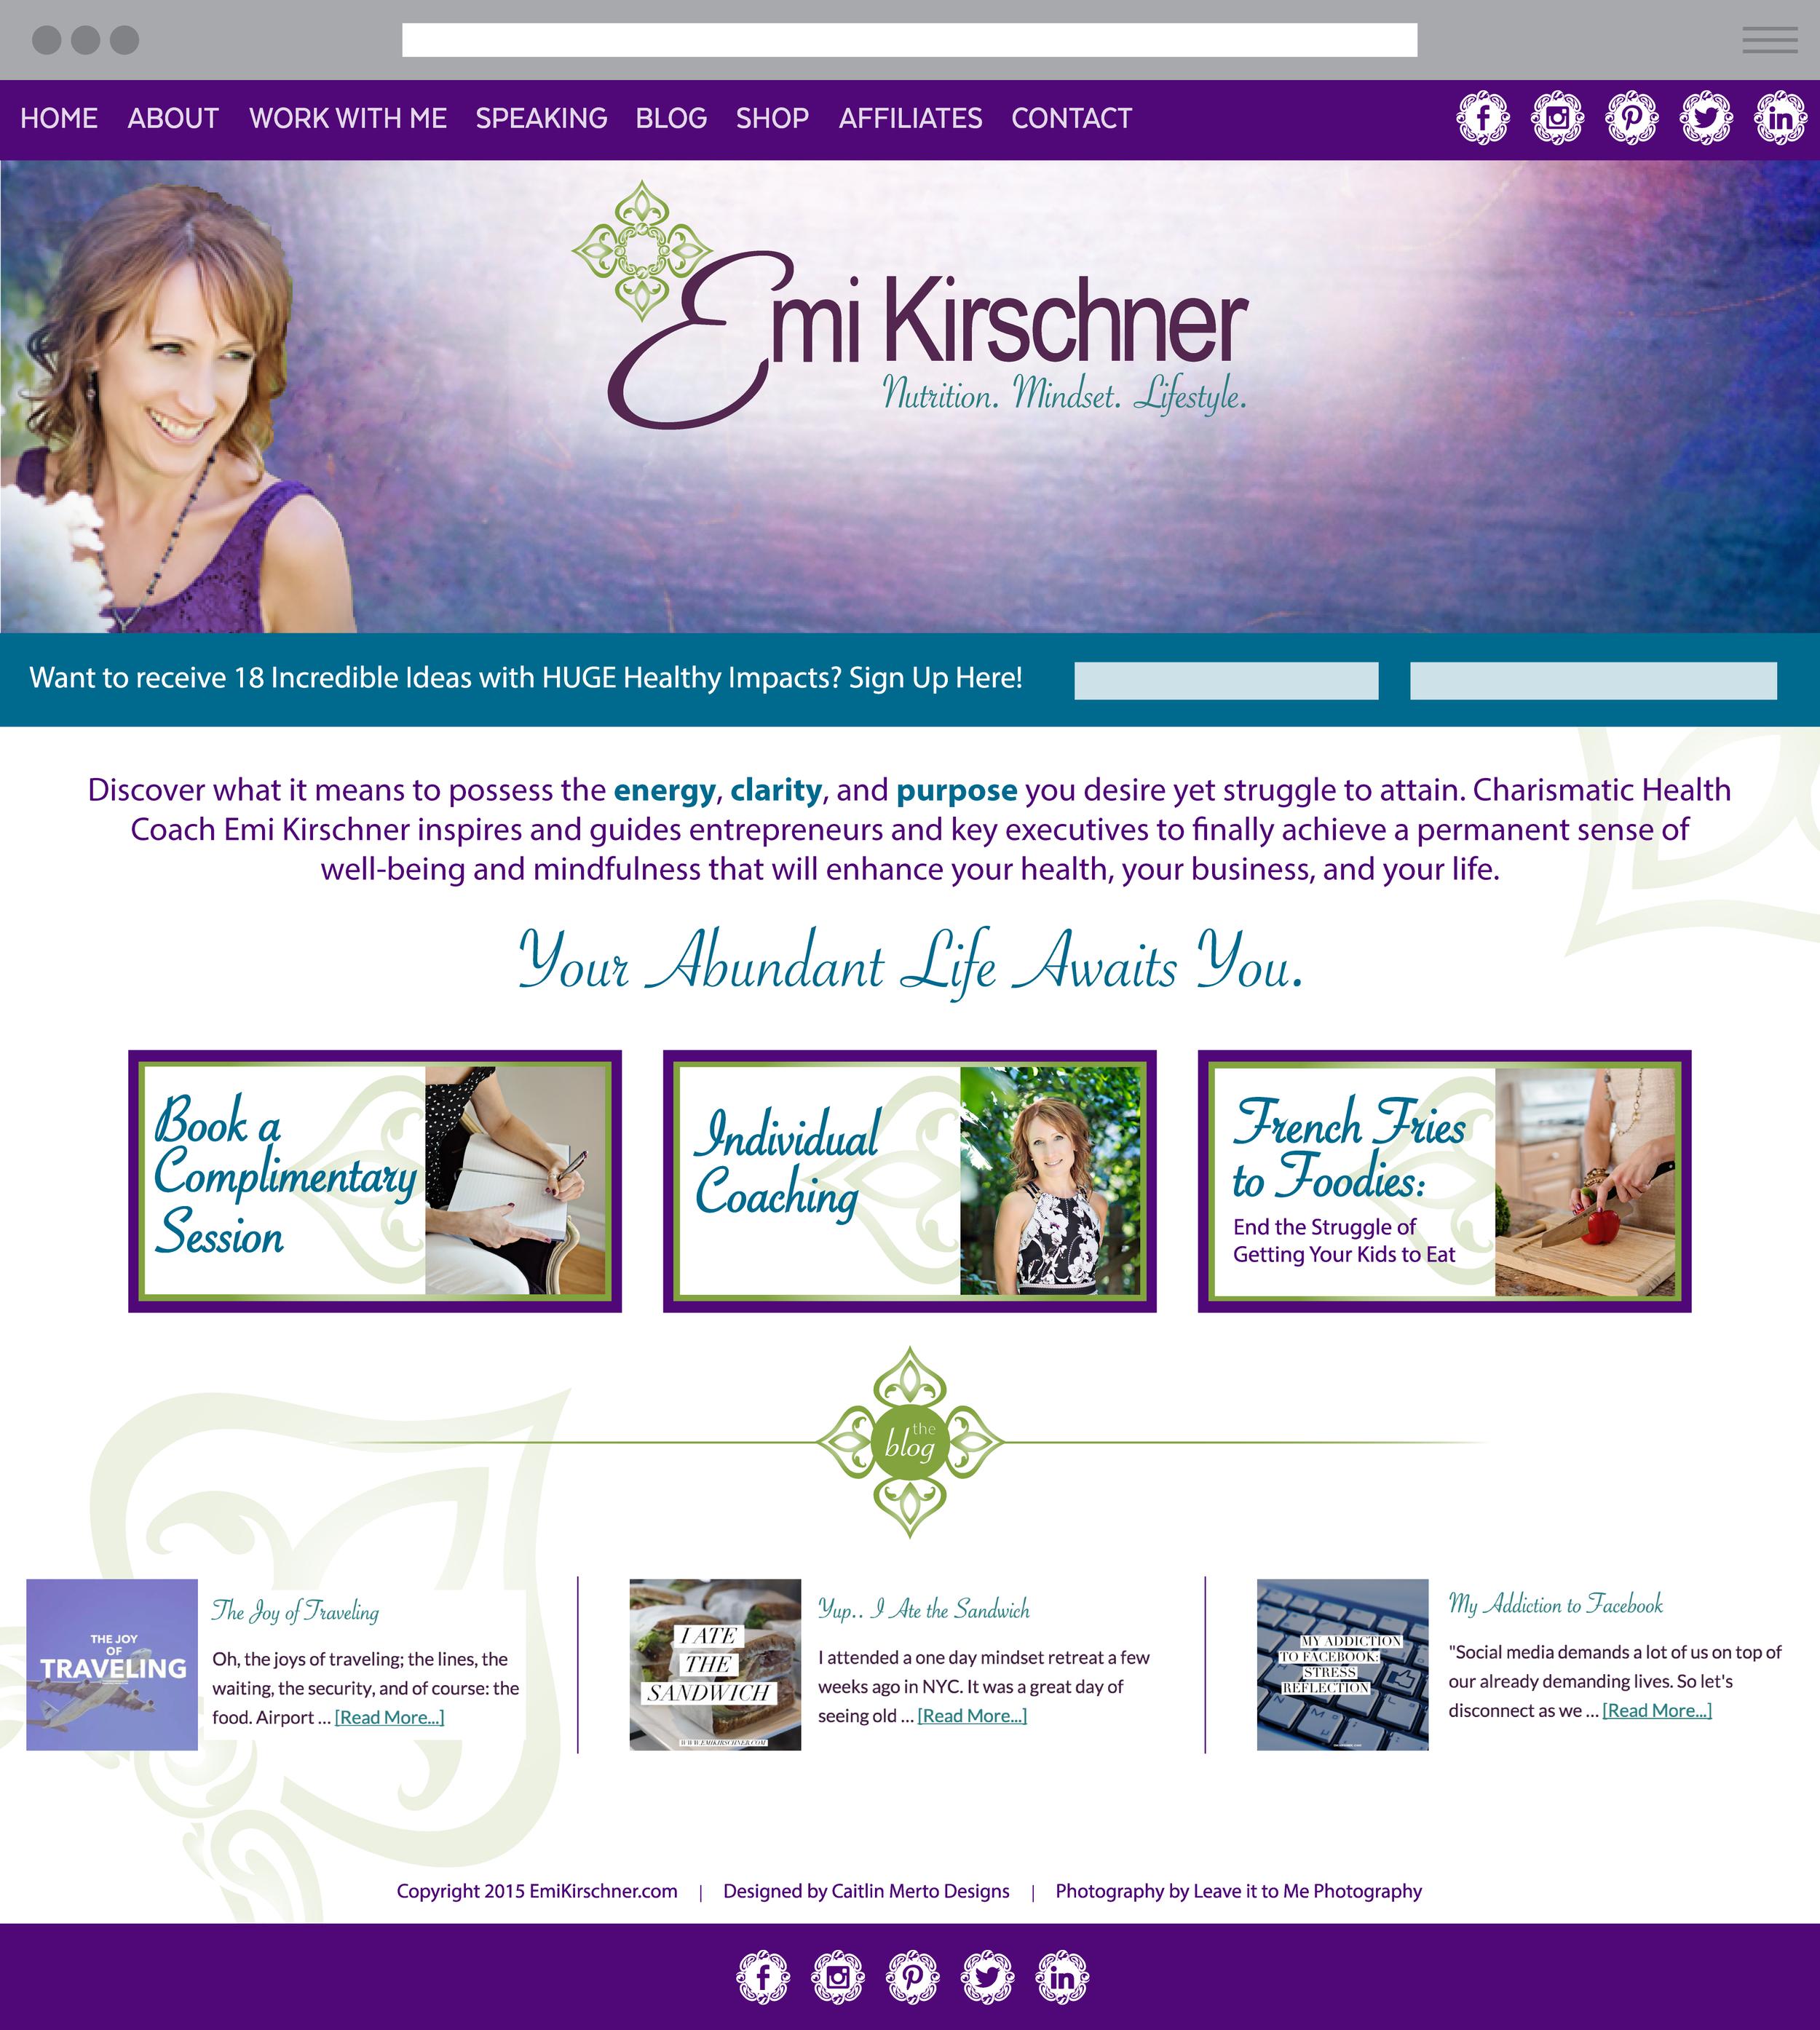 EmiKirschner.com